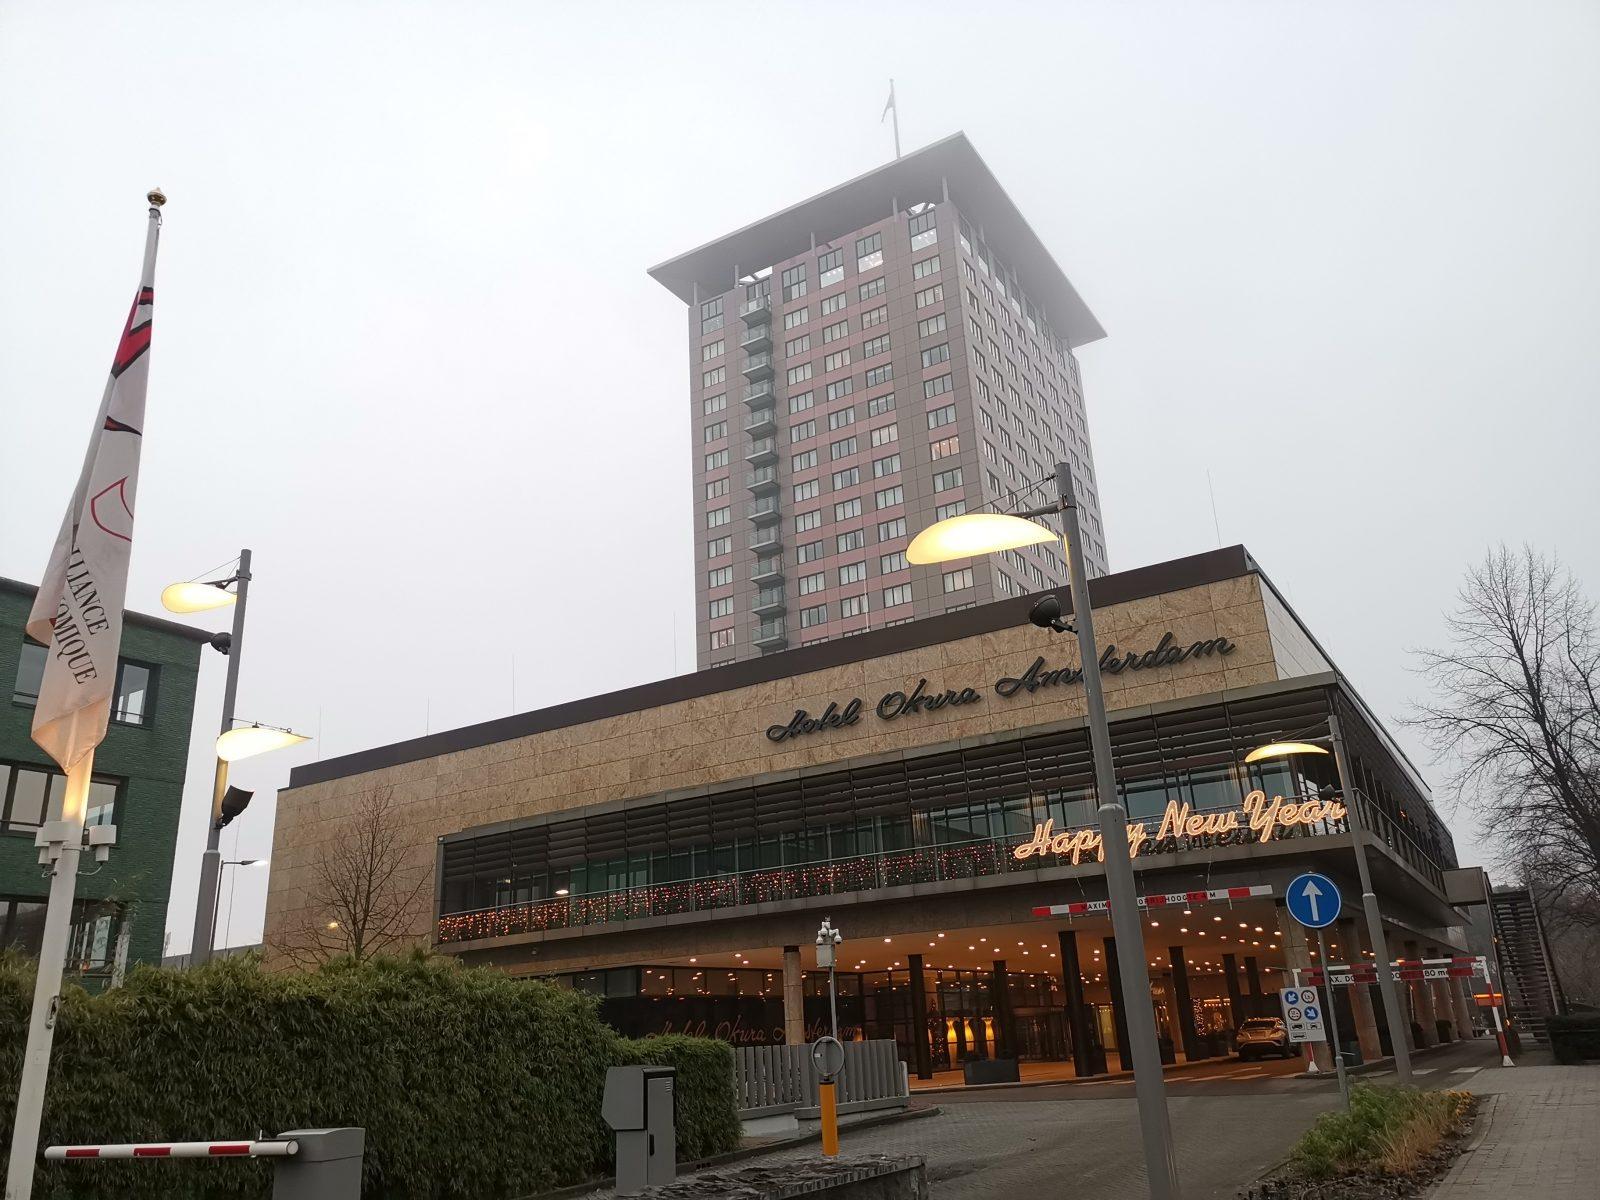 ホテルオークラアムステルダム